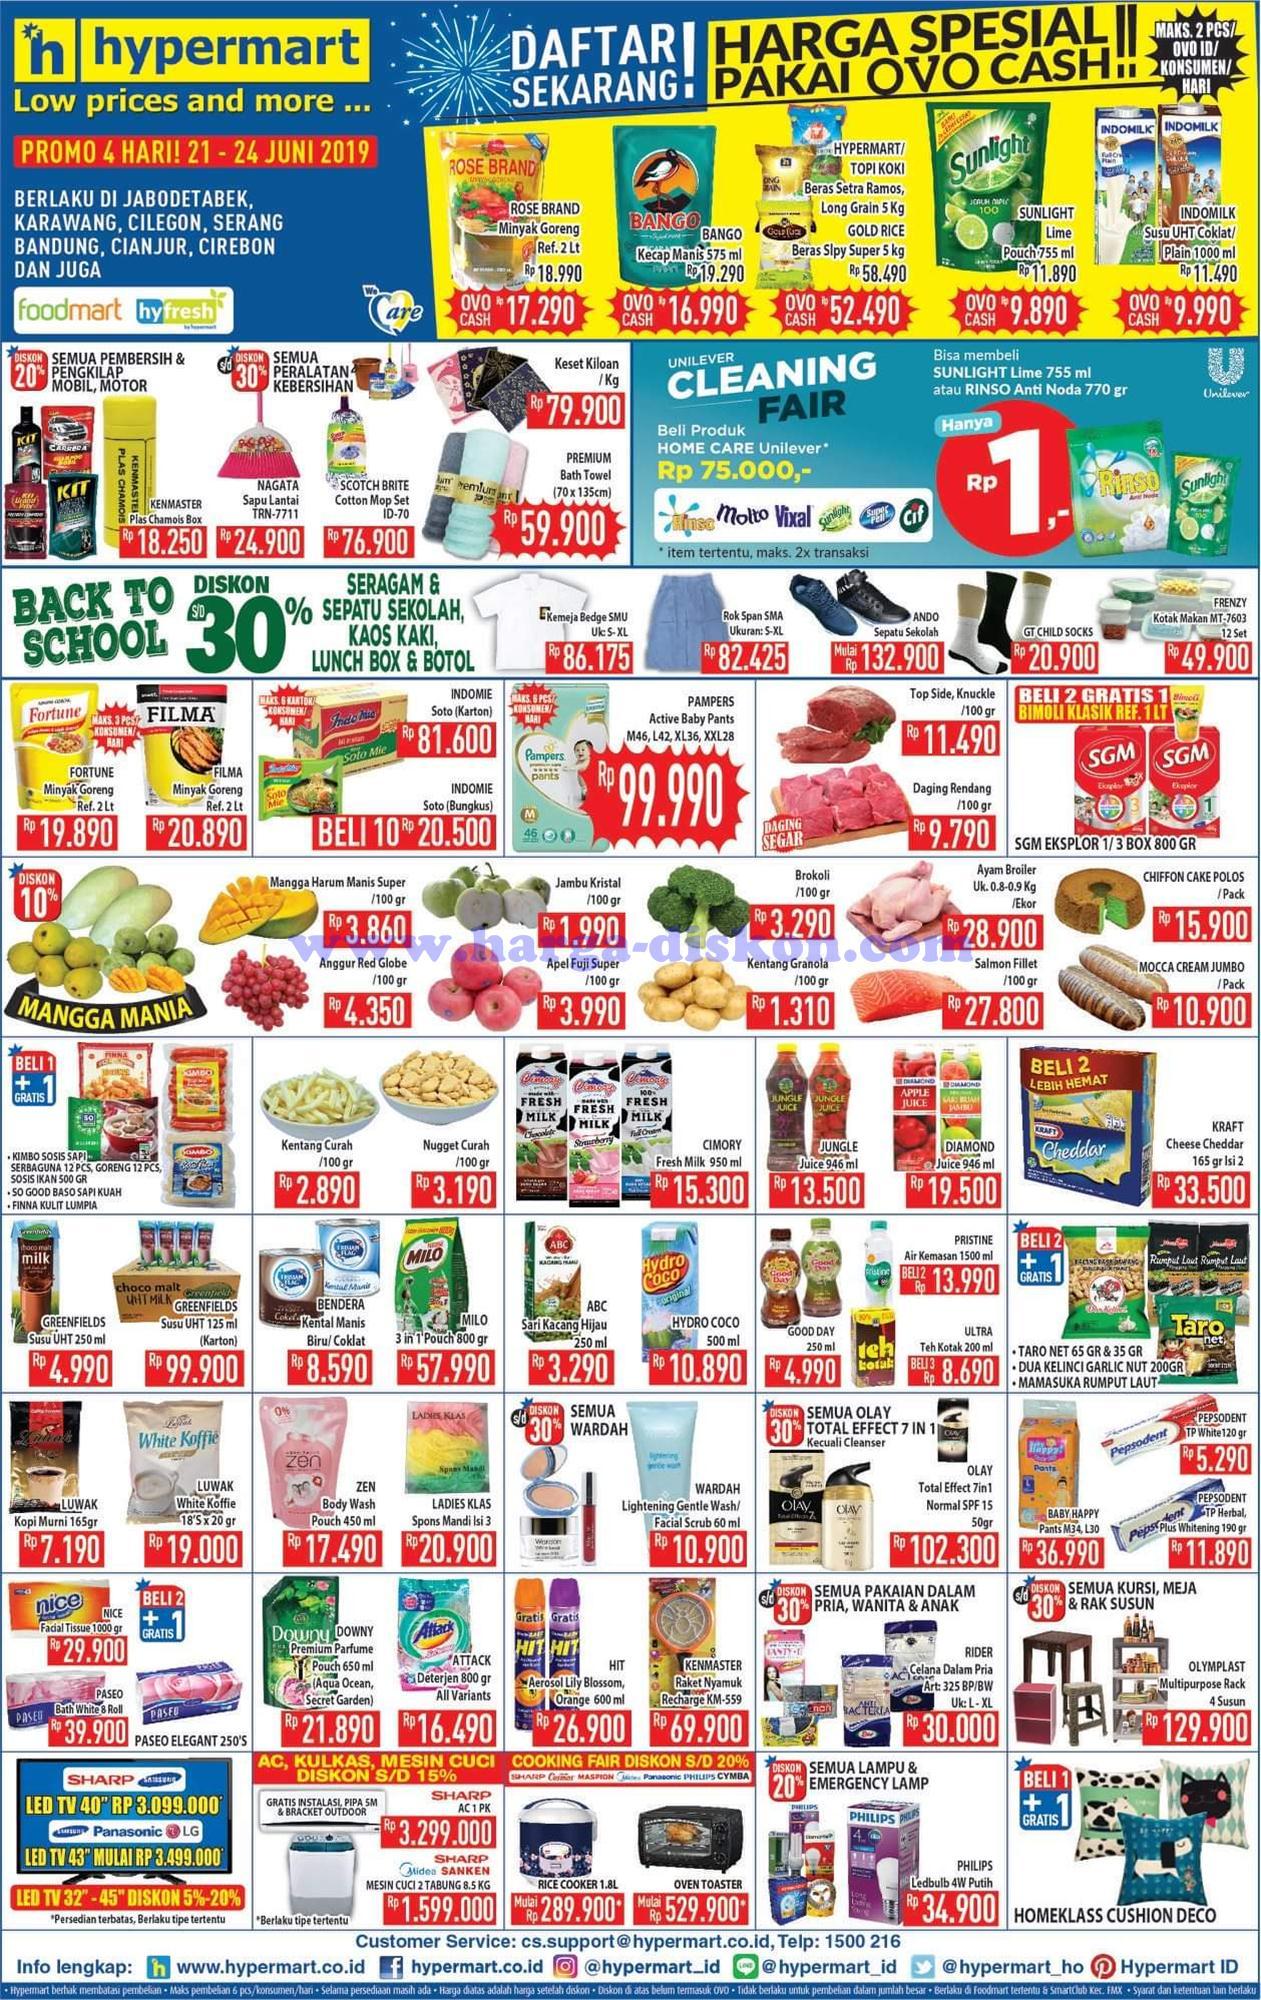 Promo Hypermart Akhir Pekan 4 Hari Periode 21-24 Juni 2019